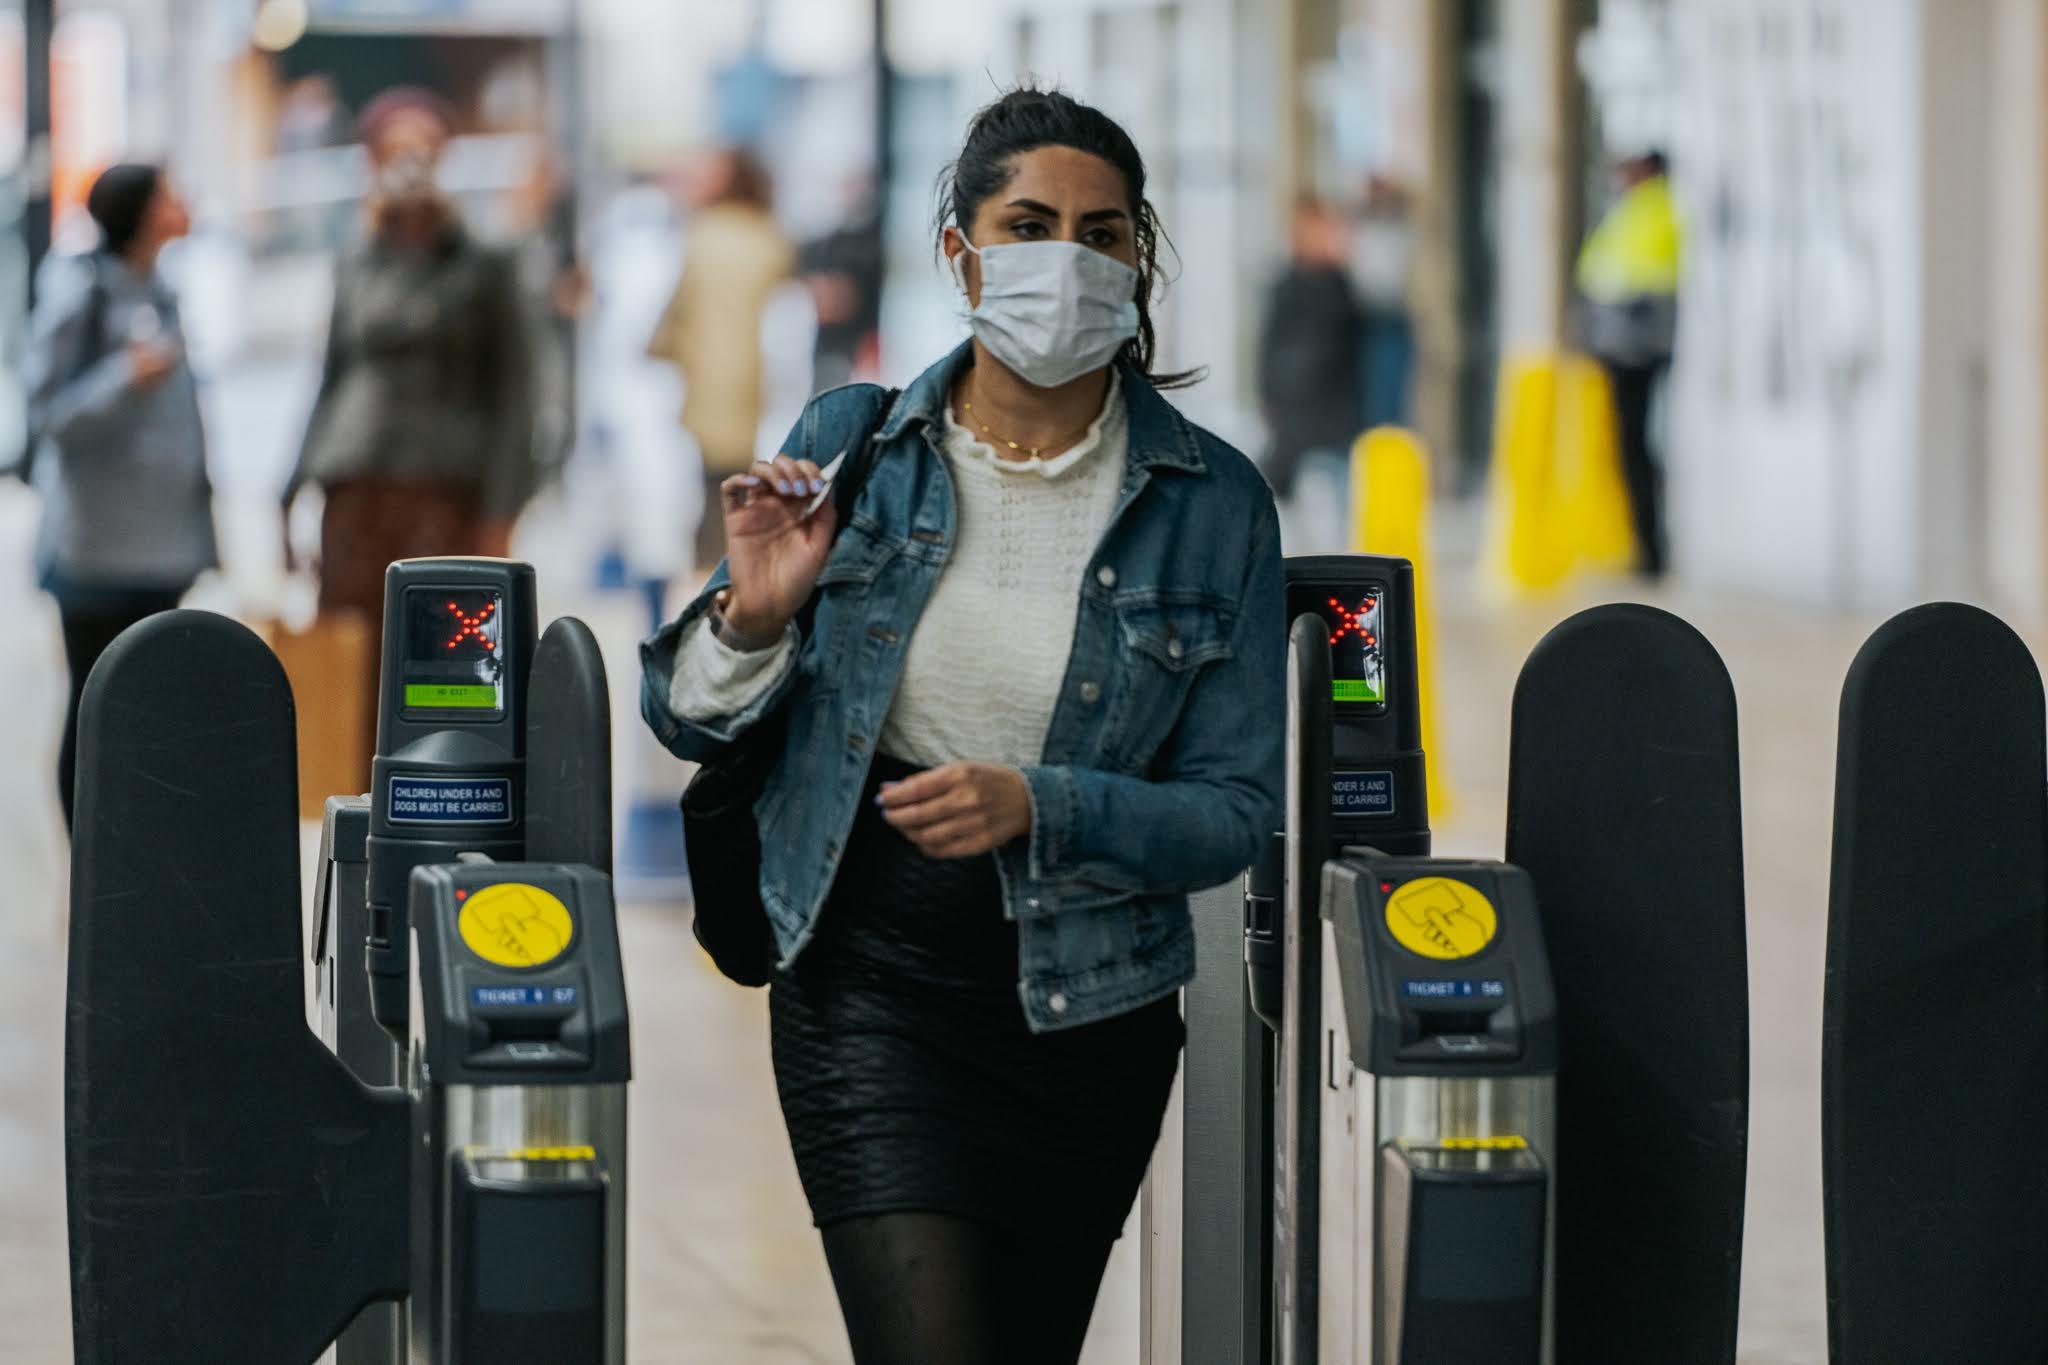 Passenger walking through ticket gates at Leeds train station